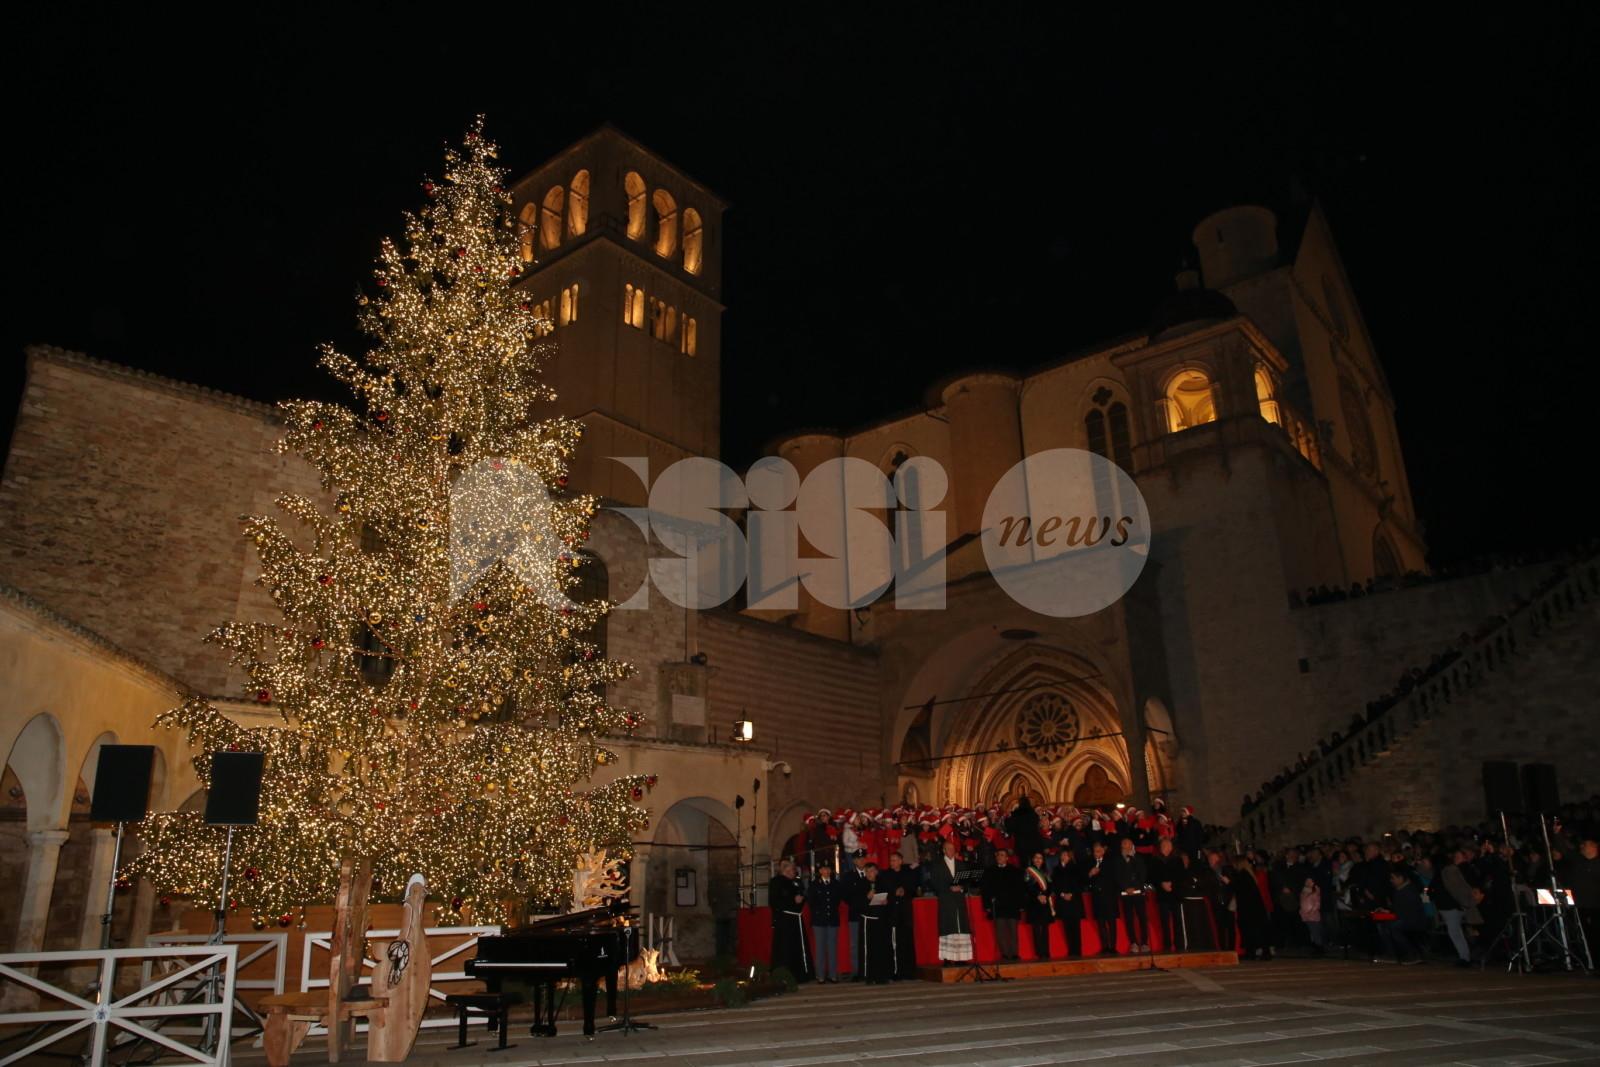 Acceso l'albero di Natale 2019 della Basilica di San Francesco ad Assisi (FOTO+VIDEO)